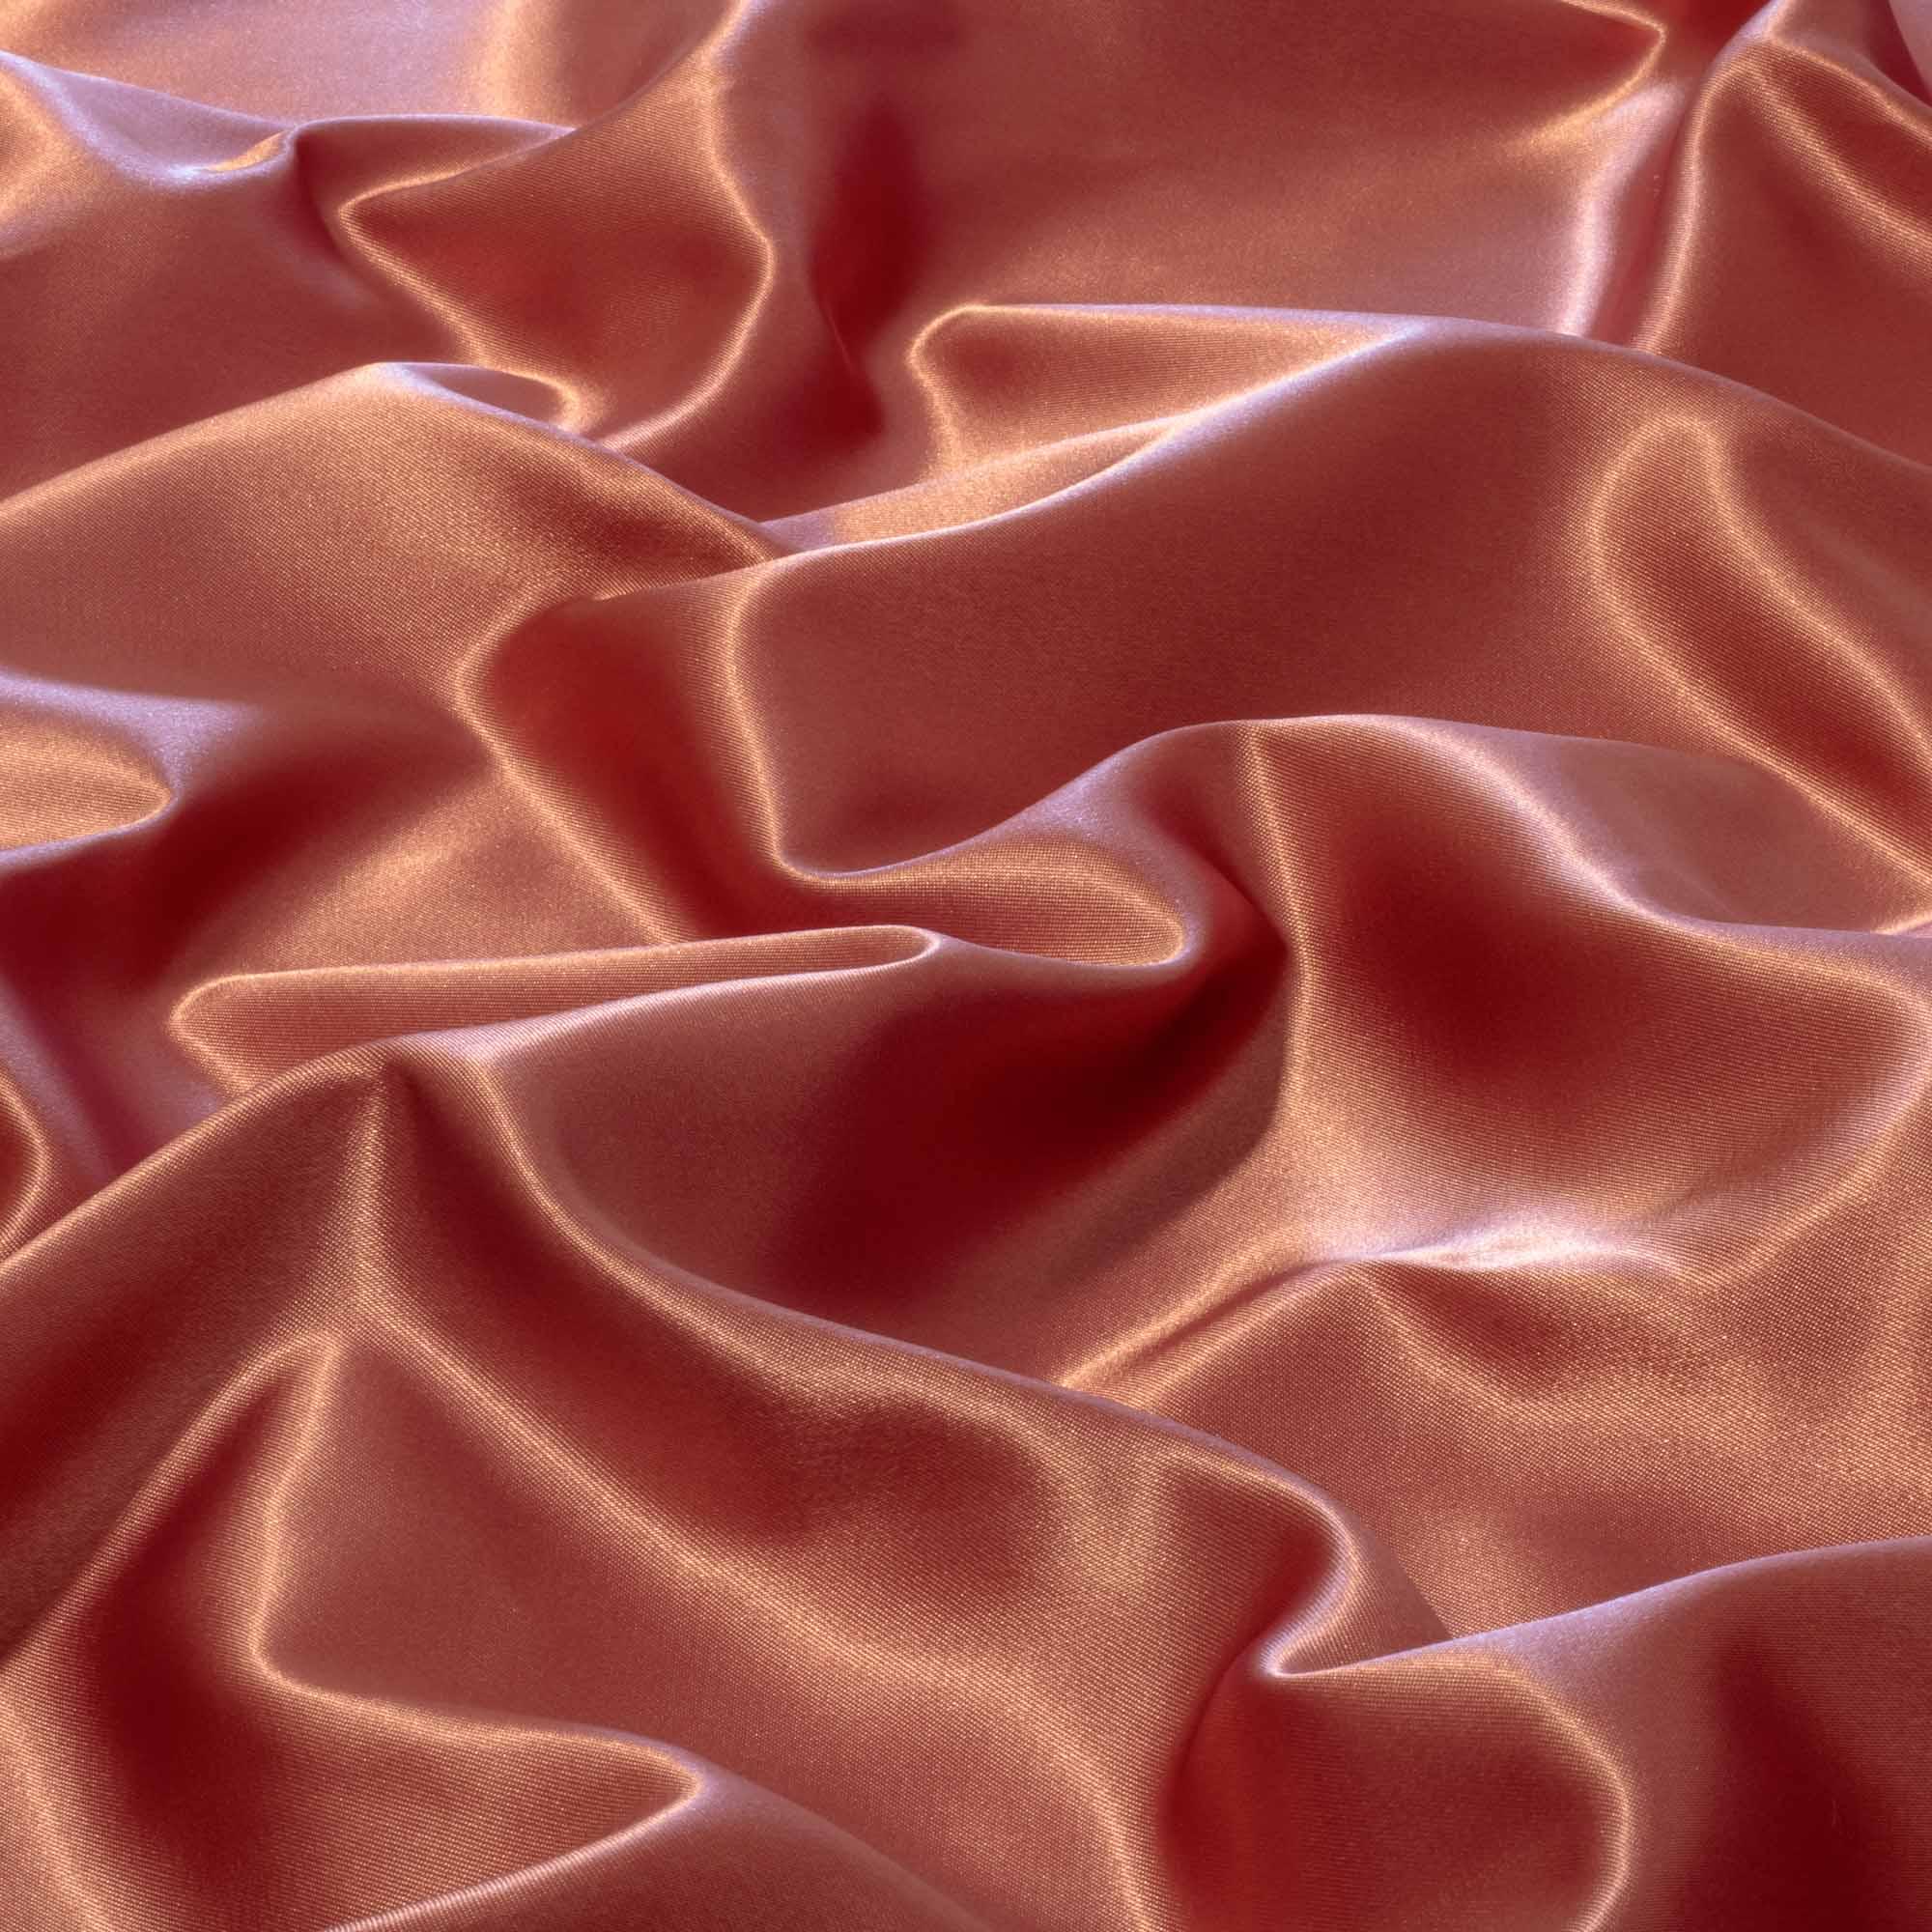 Tecido Cetim de Forro Cor de Pele 100% Poliester 1,40 m Largura